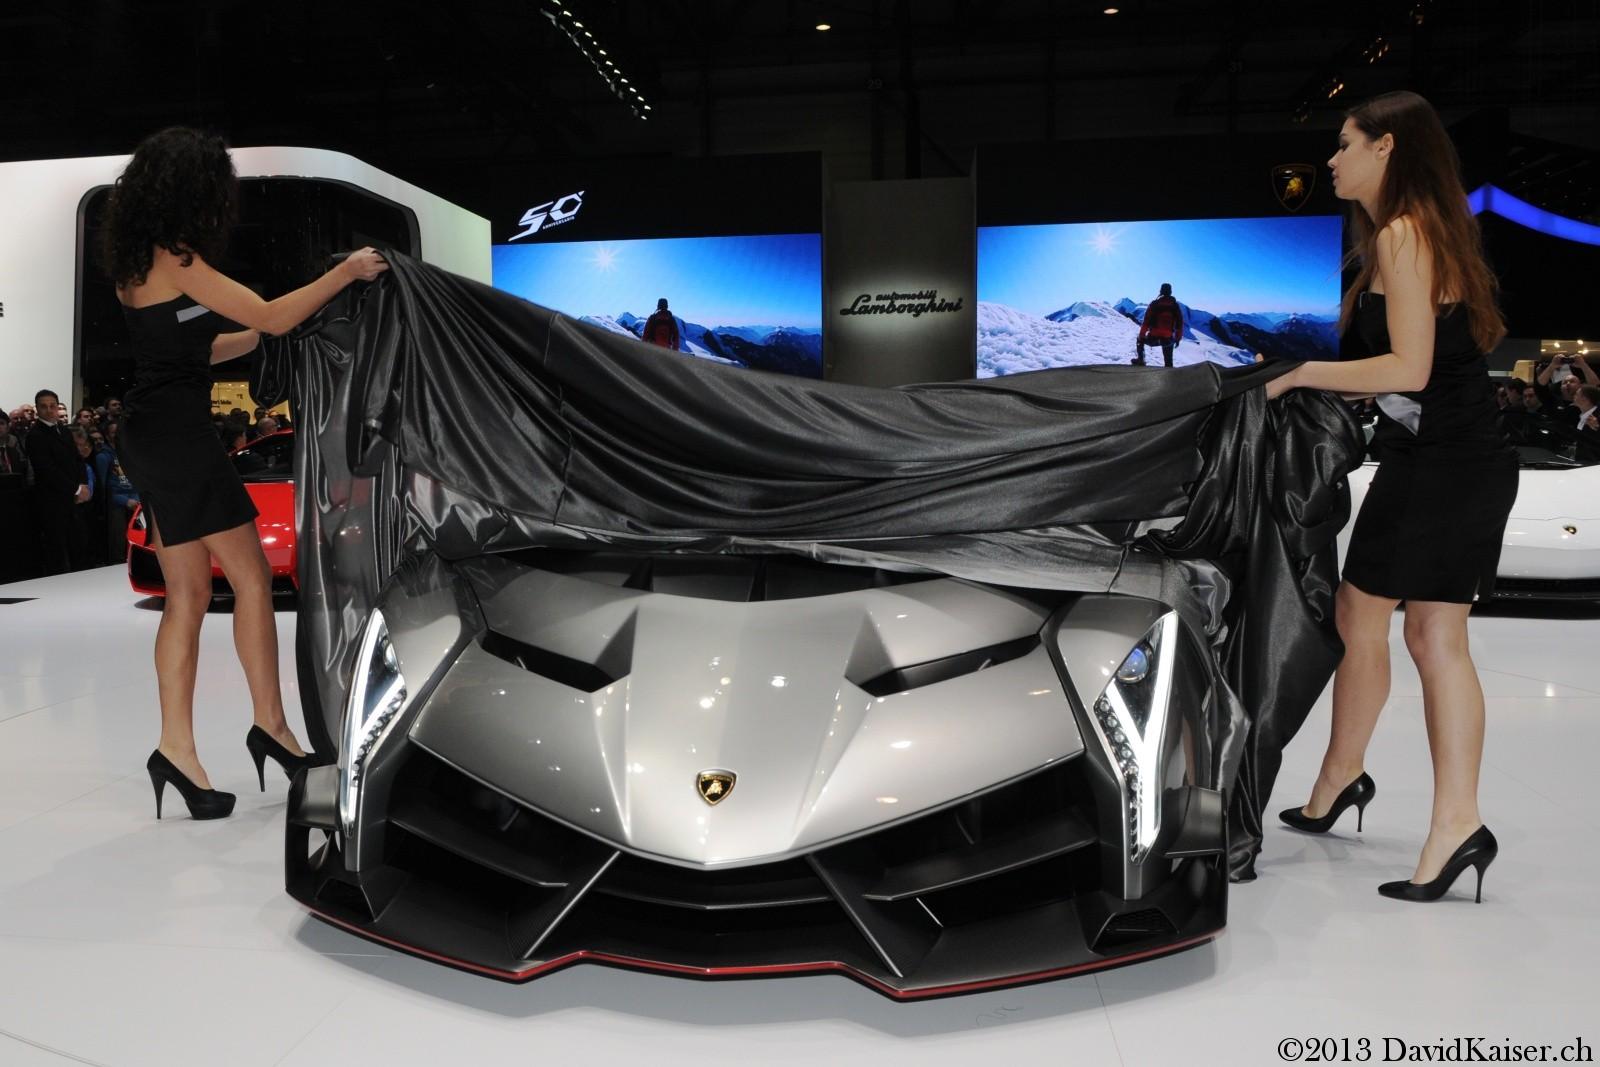 Lamborghini Veneno For Sale >> Lamborghini to Build 9 Veneno Roadsters, Each to Cost $4.4 Million - GTspirit